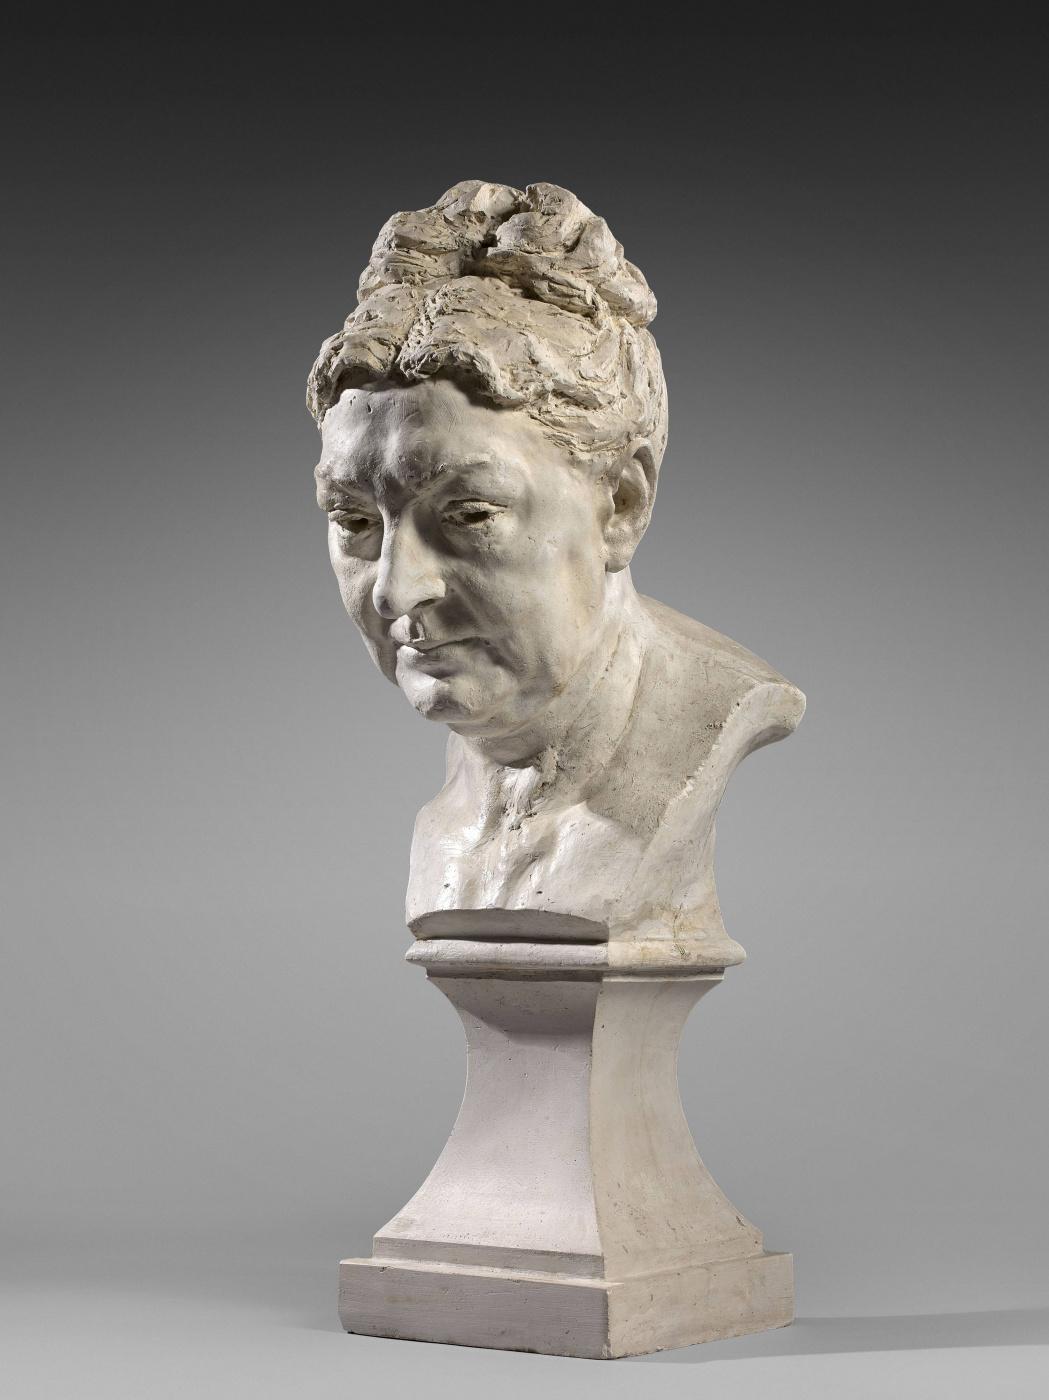 Camille Claudel. Buste de femme ou Madame Claudel